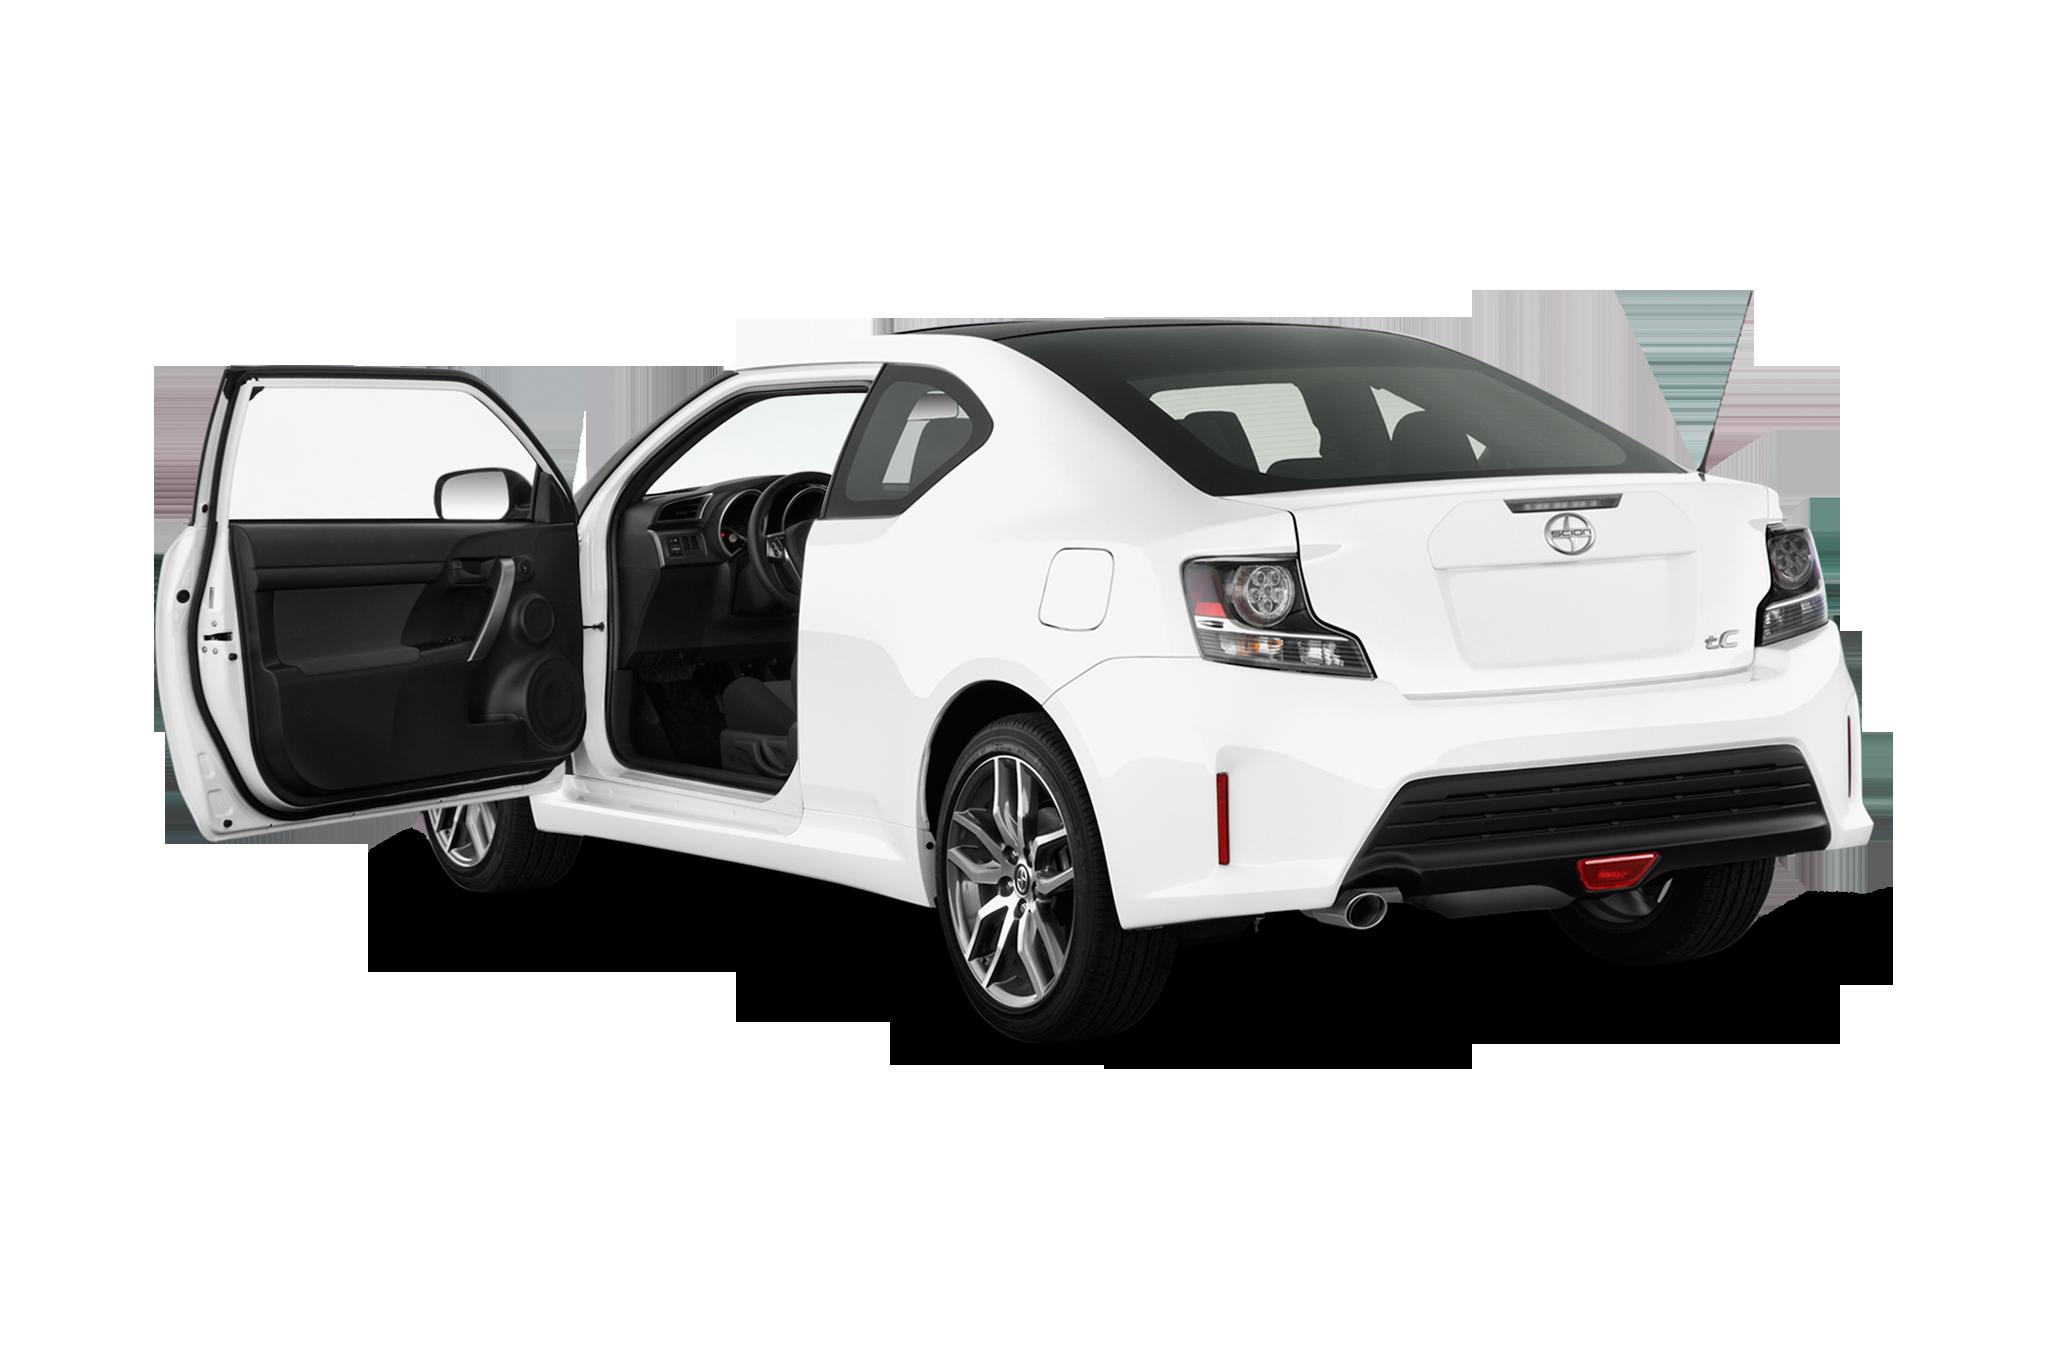 2015 Scion Tc 0 60 >> 2015 Scion tC Release Series 9.0 Announced